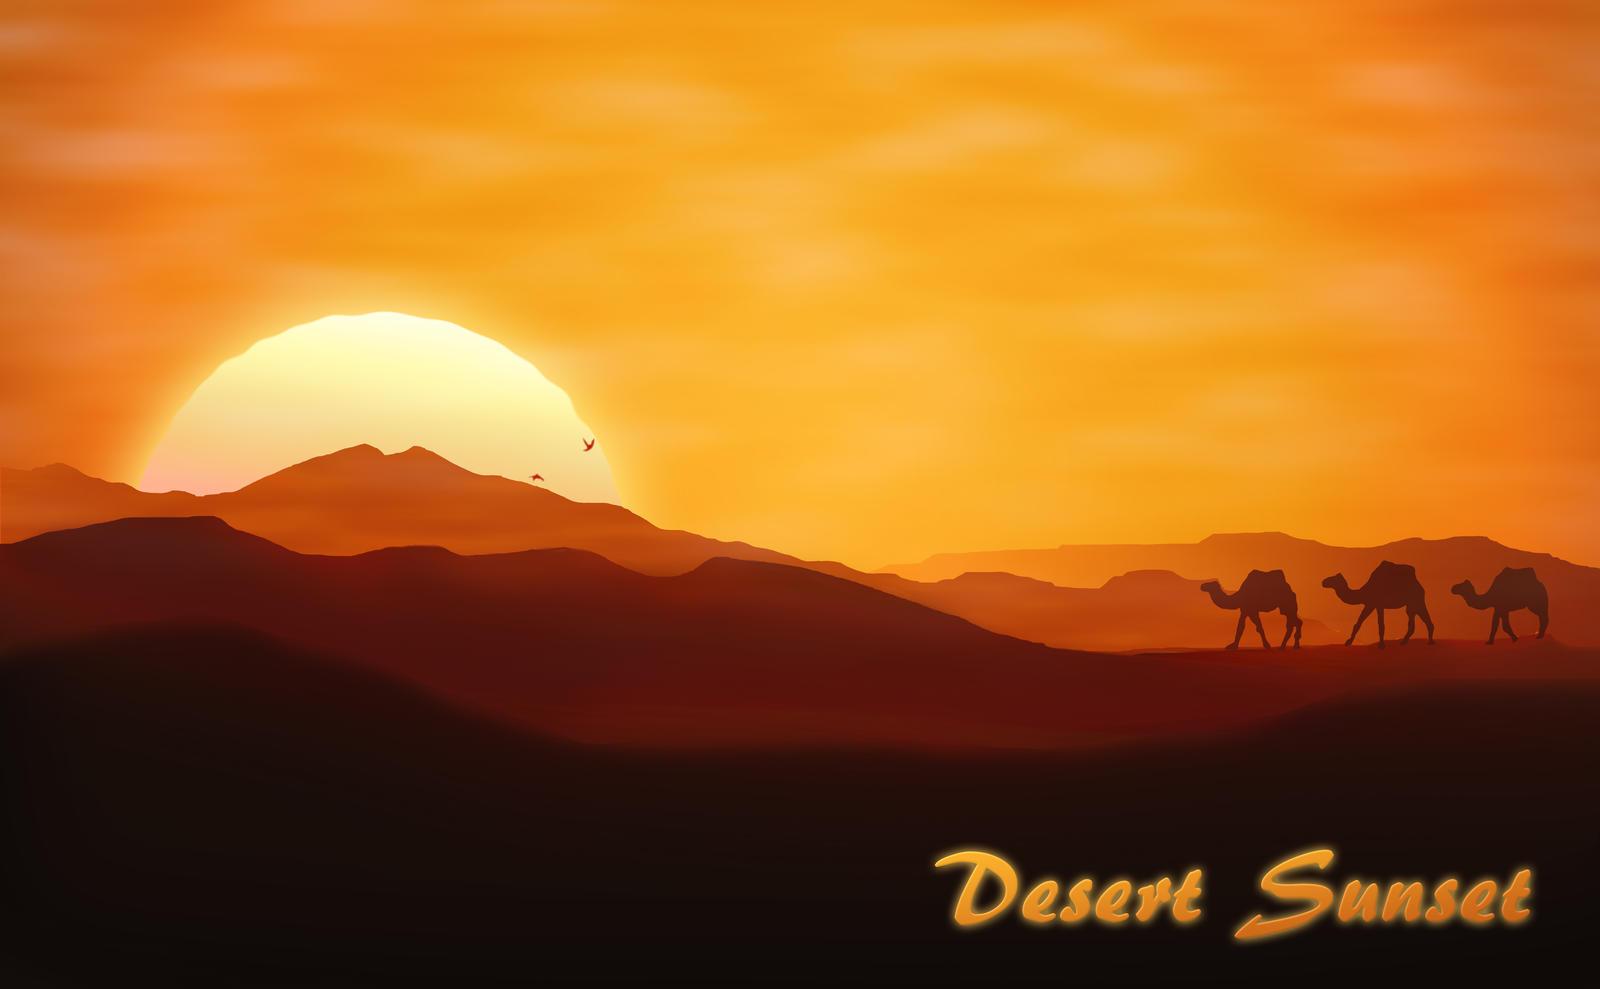 desert sunset by favsco - photo #1